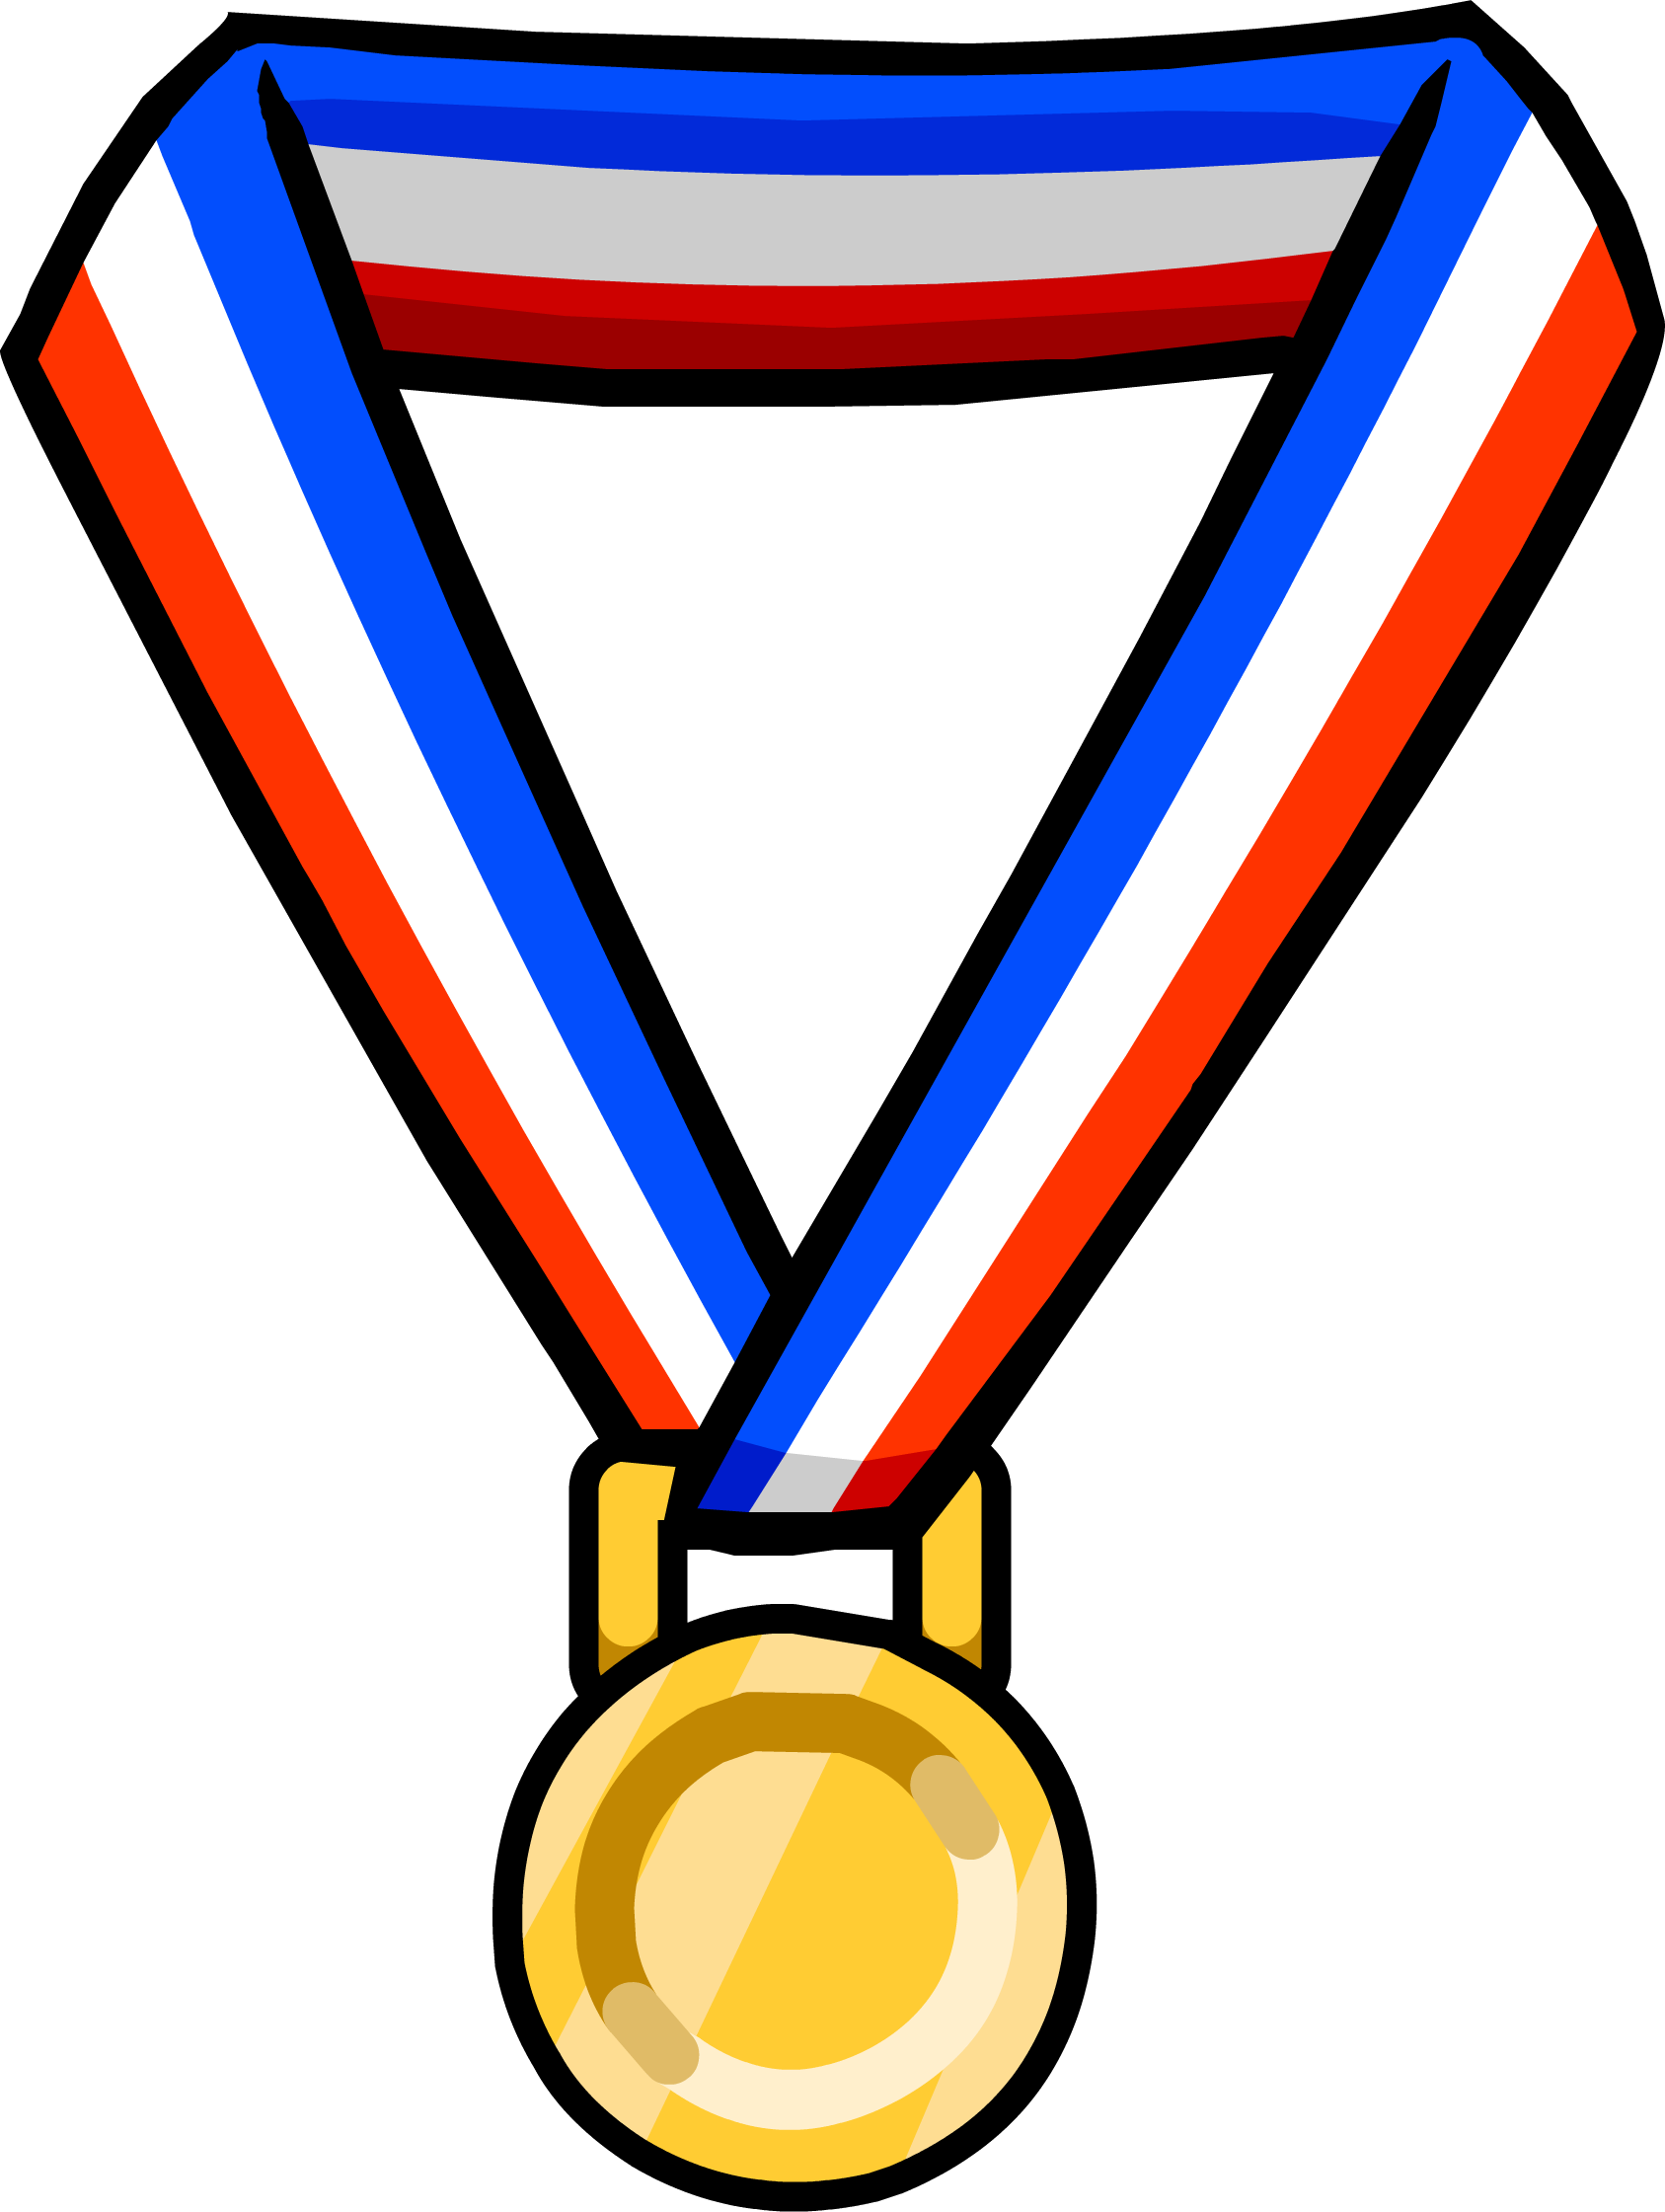 попаем картинки медалей нарисованы при